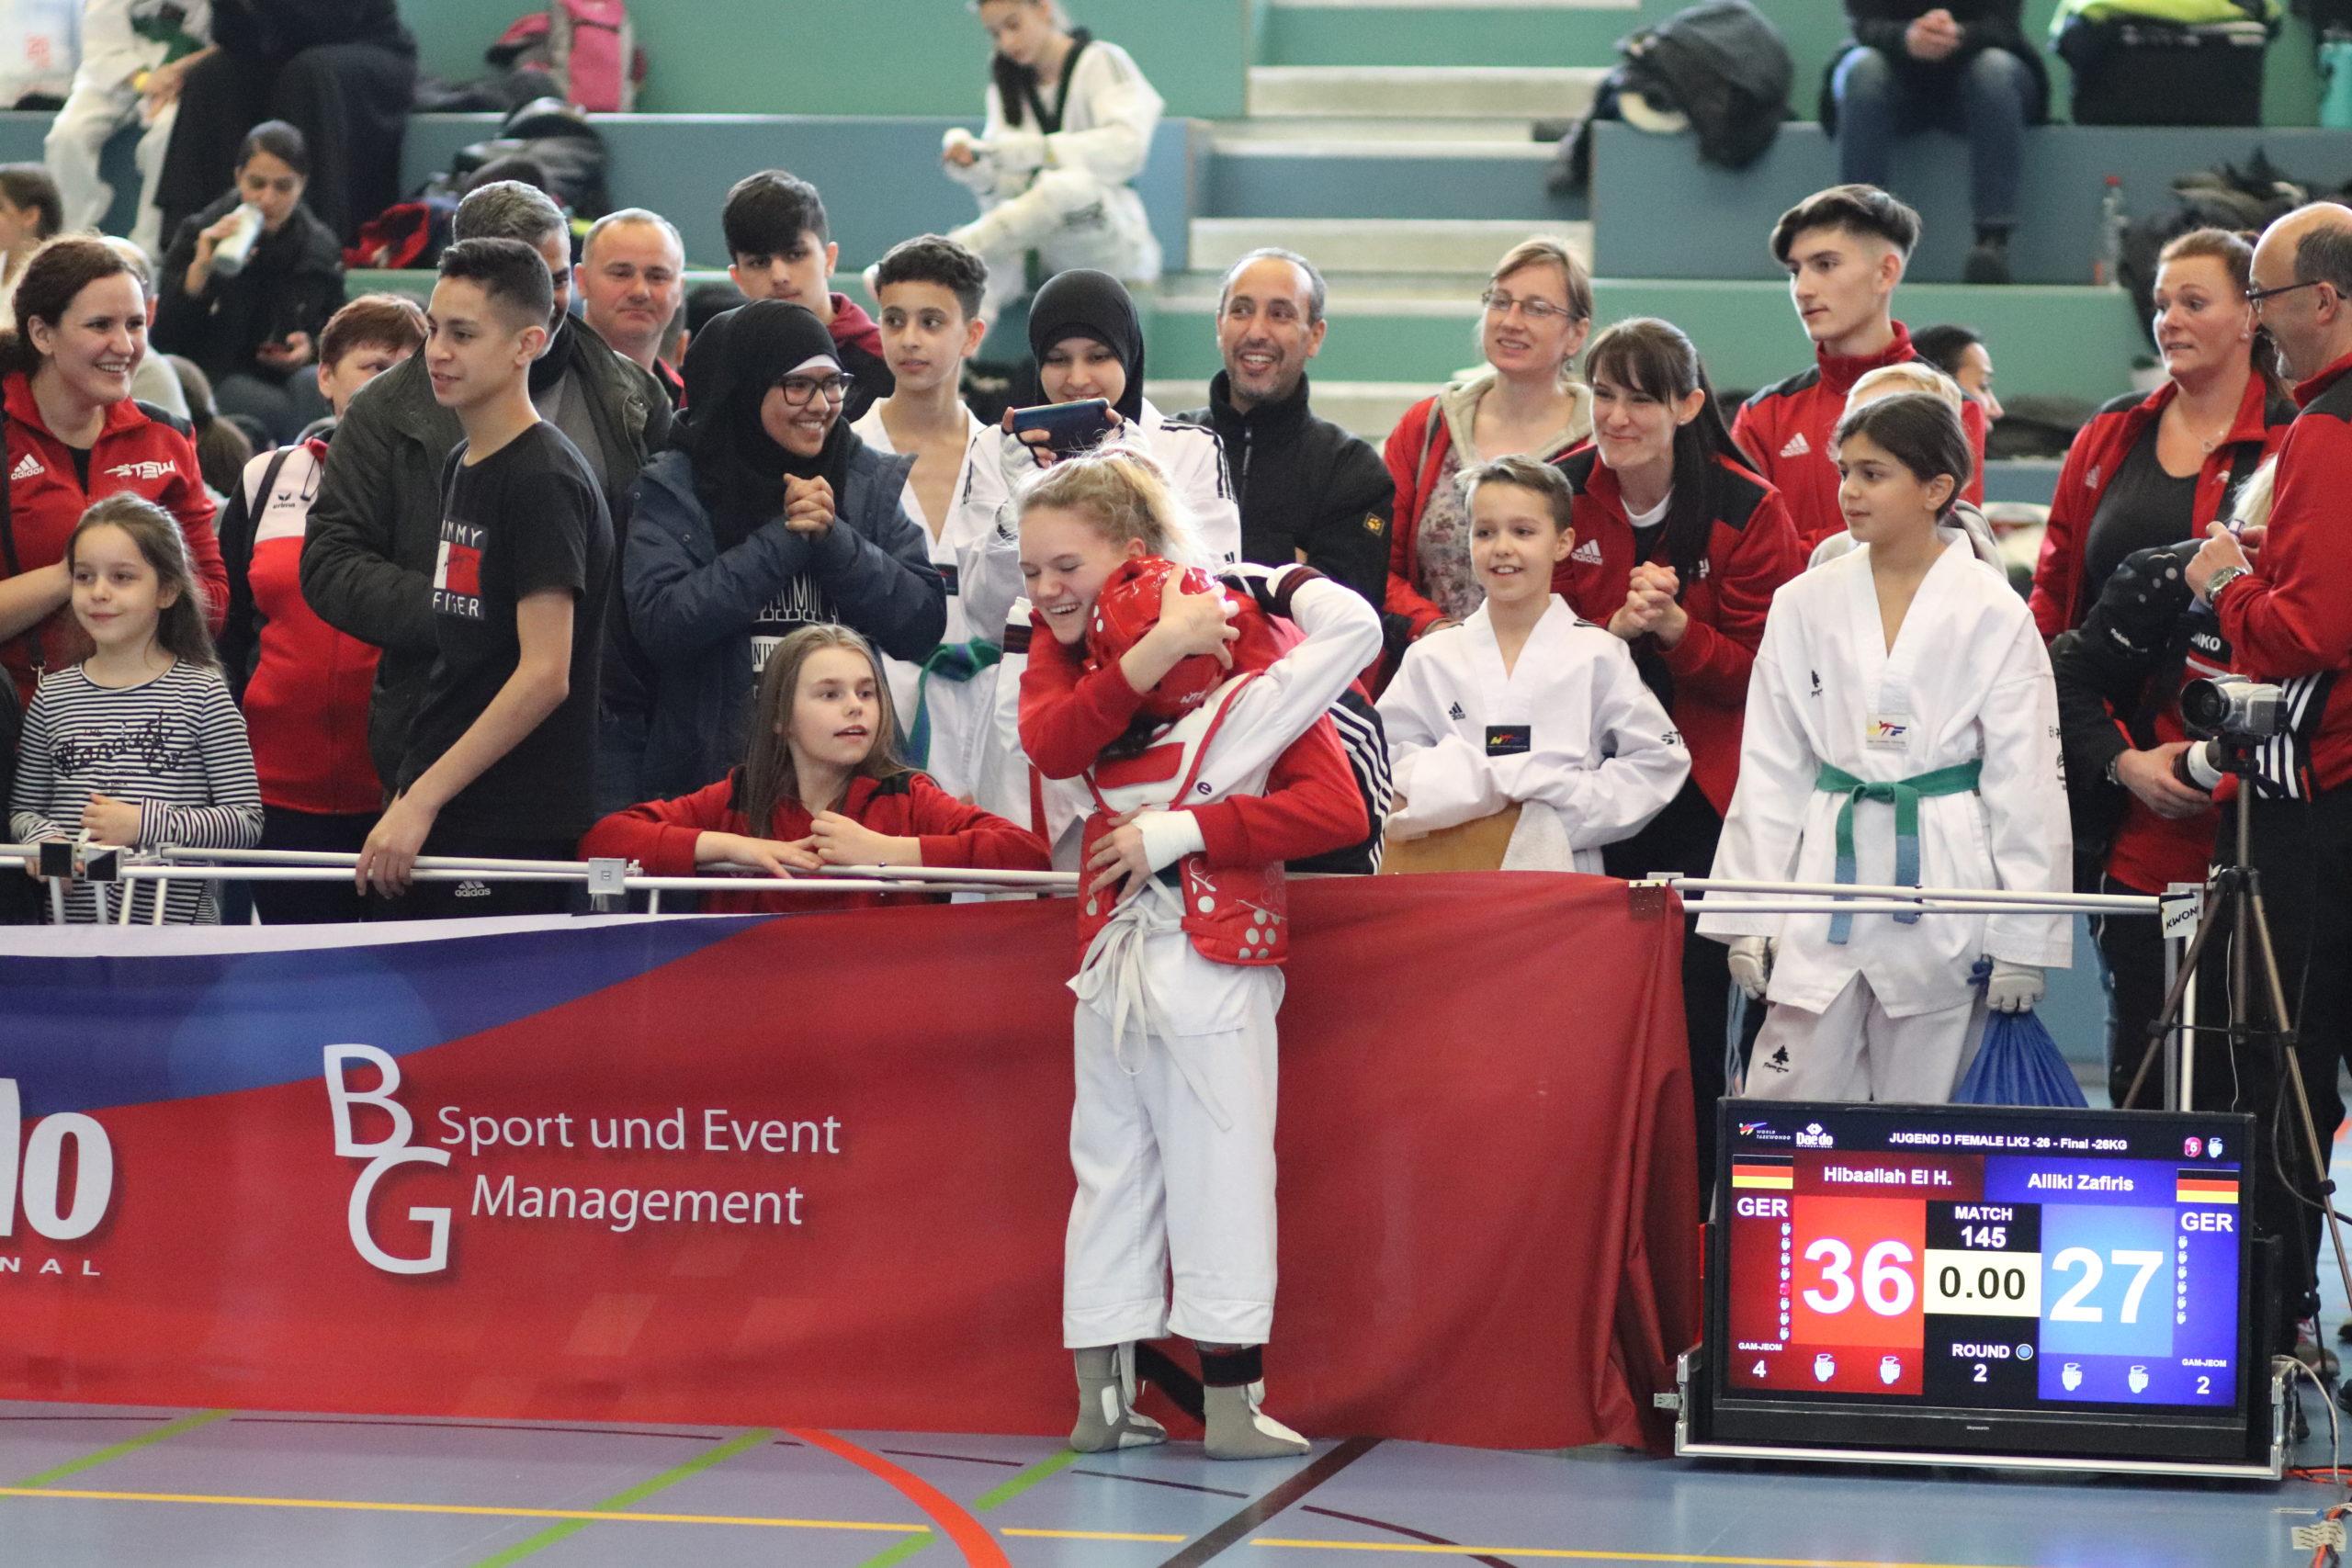 Im Gespräch mit Jannis Dakos - Vizepräsiden Leistungsport TUNRW & Sportwissenschaftler